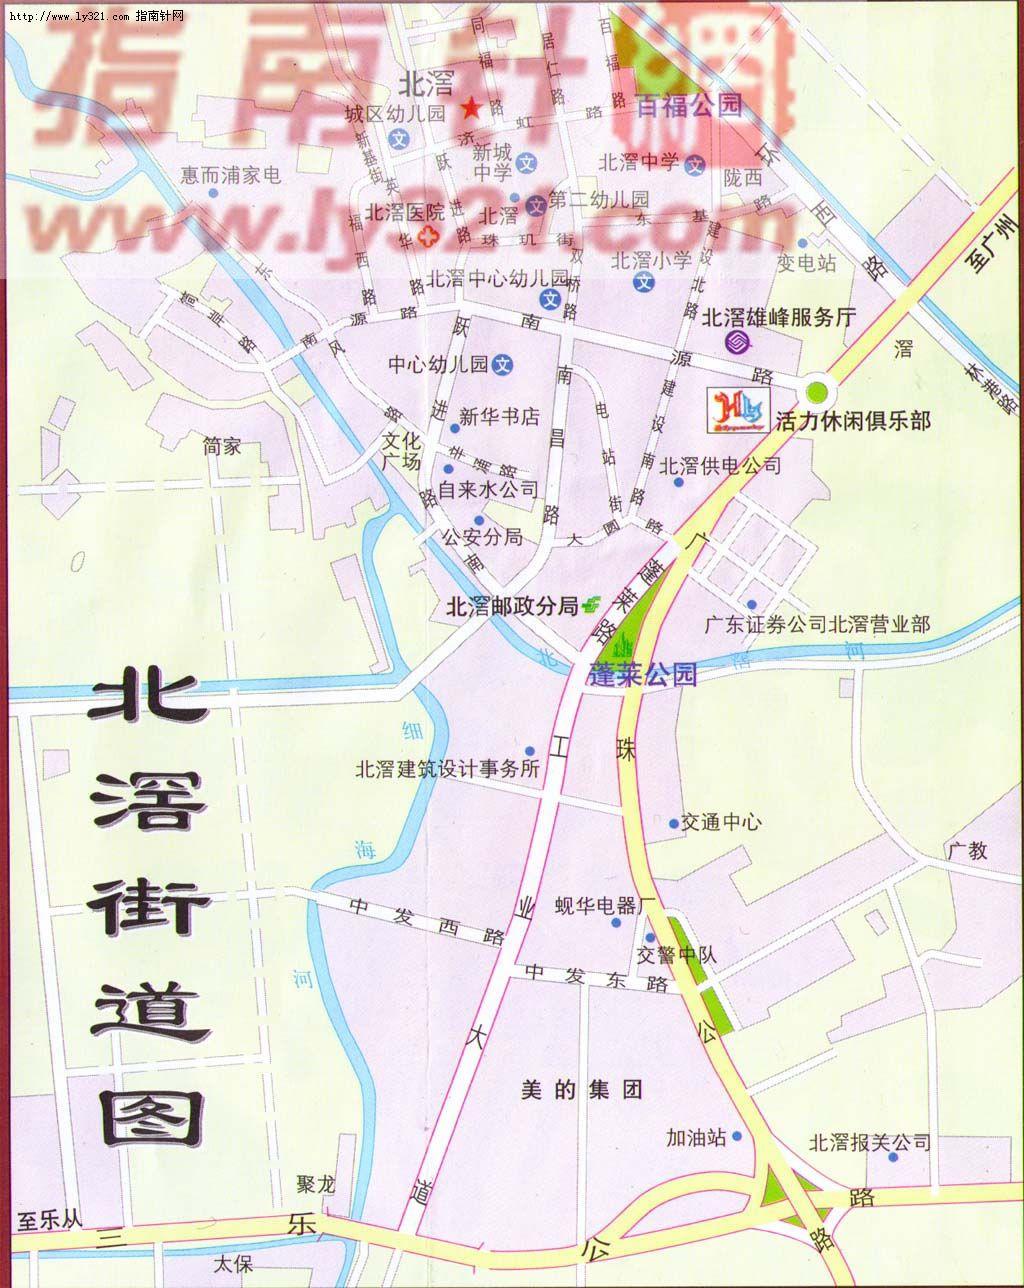 佛山市顺德区北滘镇街道地图